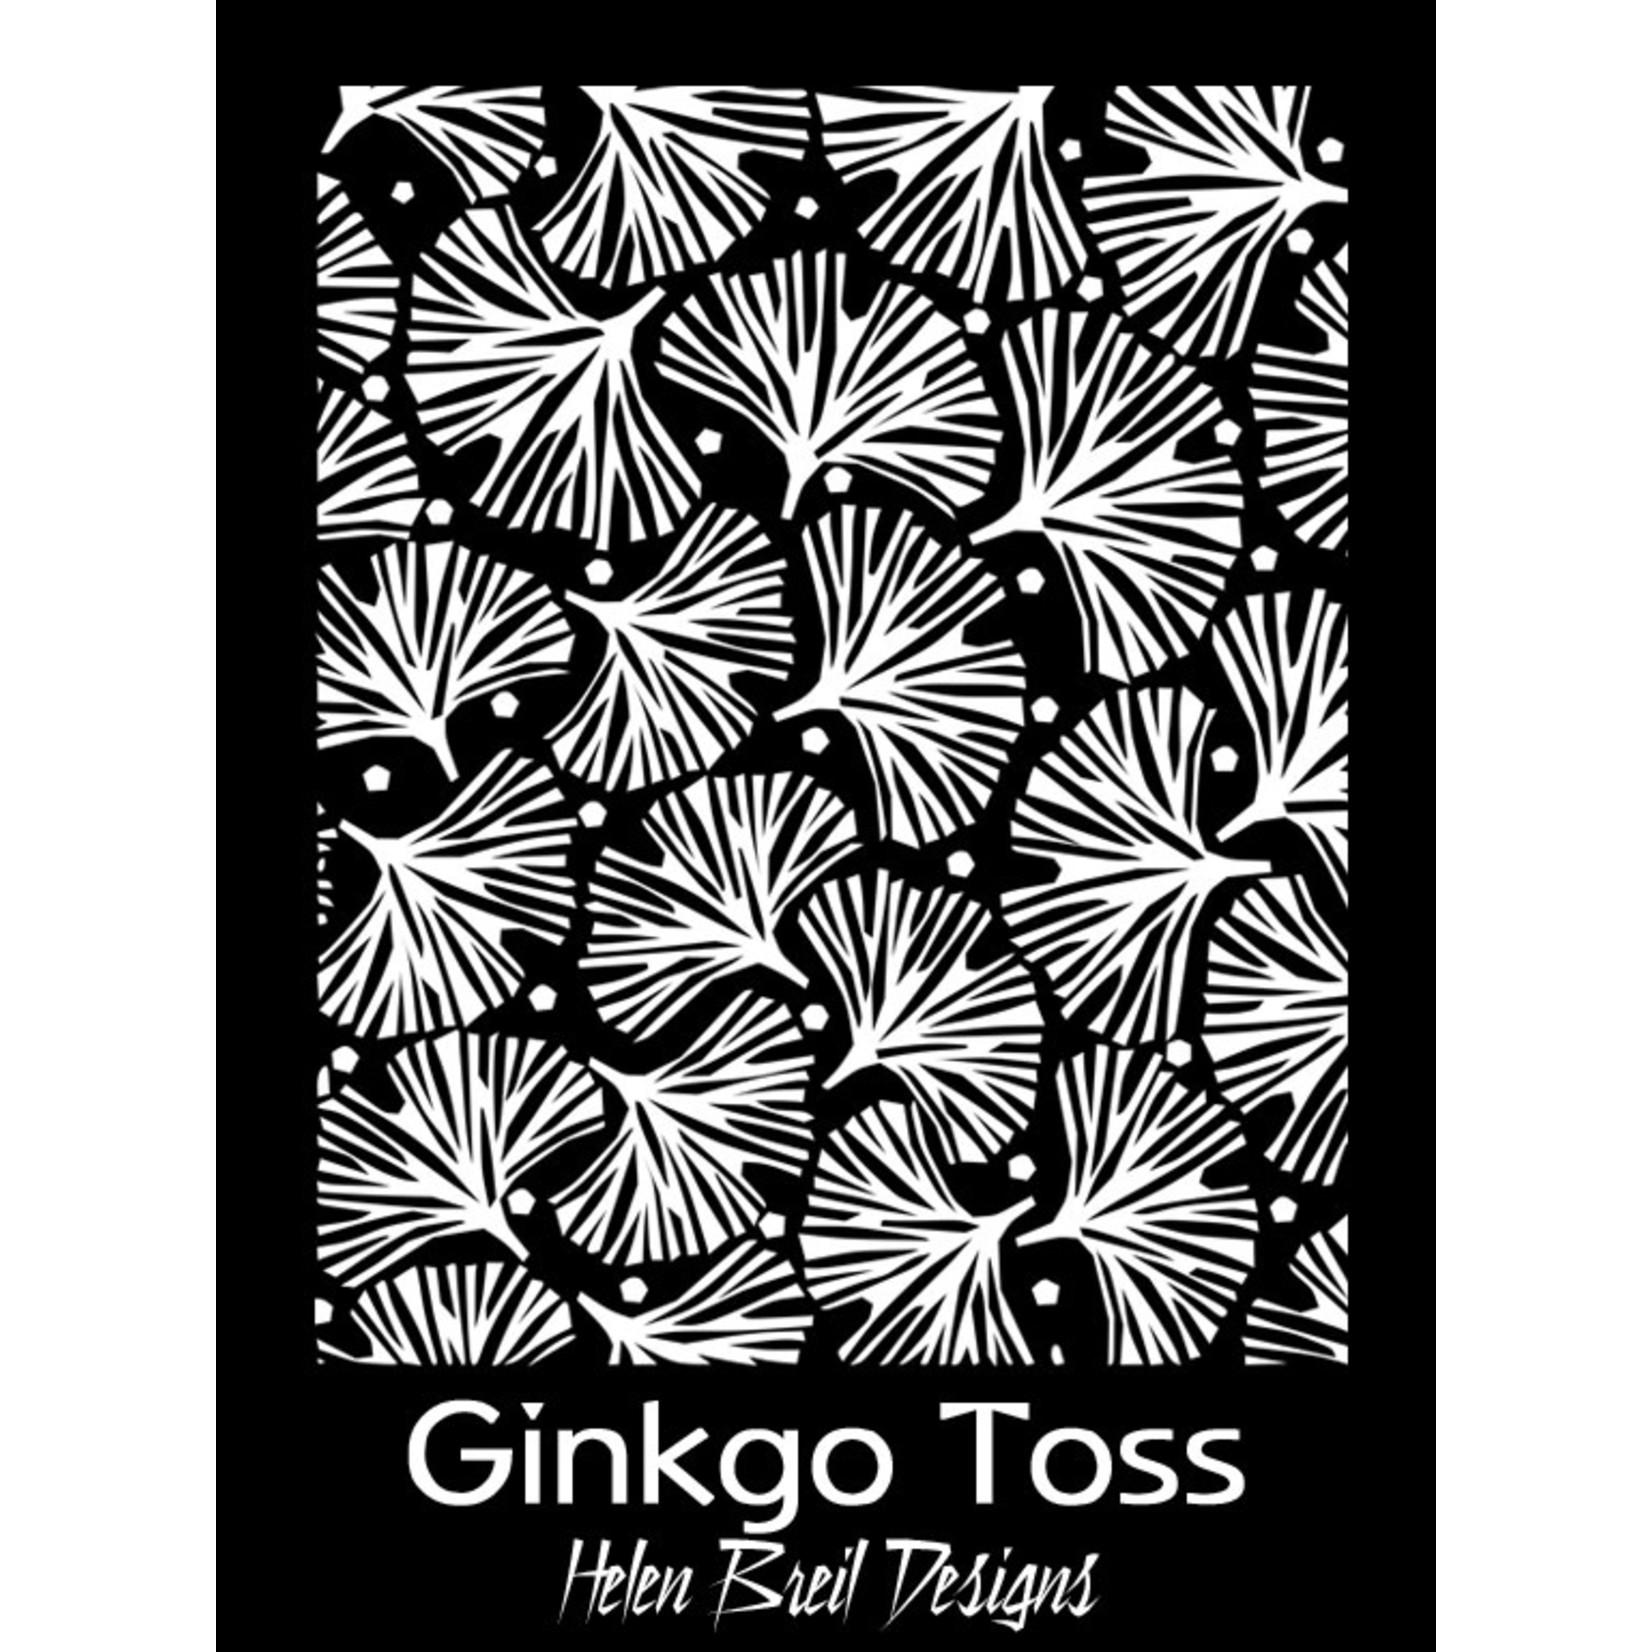 Helen Breil Texture Sheet: Ginko Toss